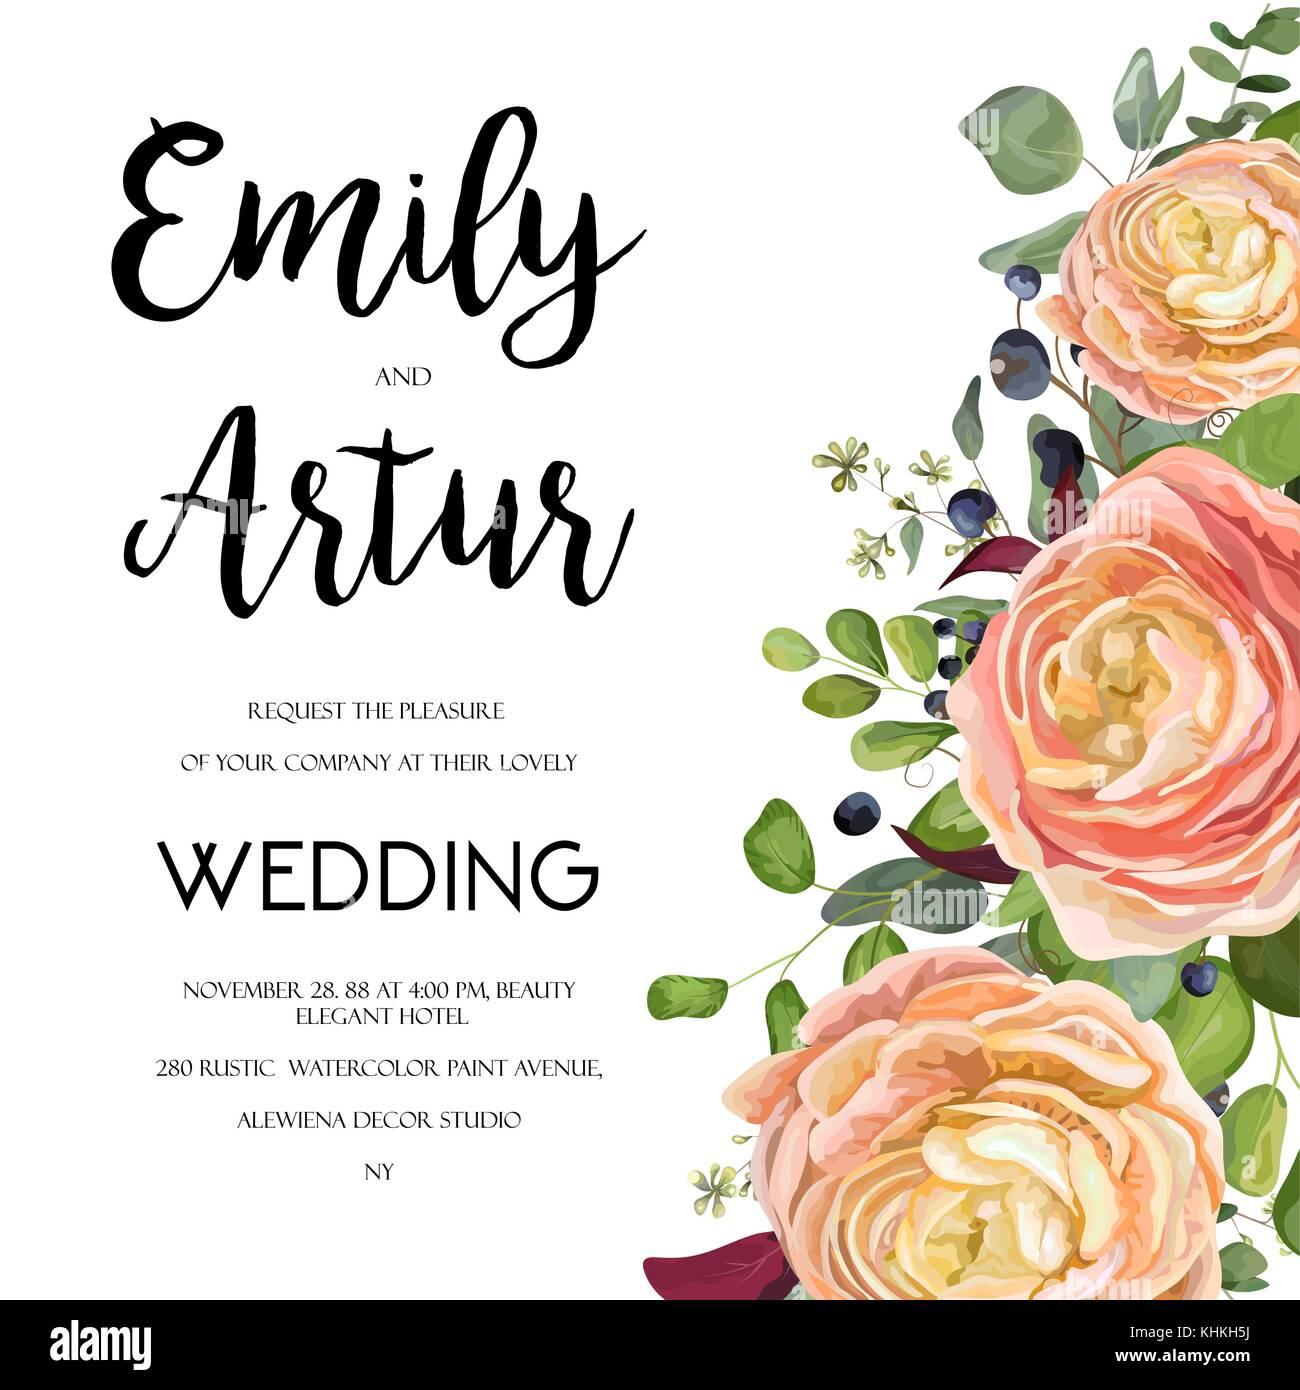 Wedding Invitation, invite card Design with watercolor hand drawn ...